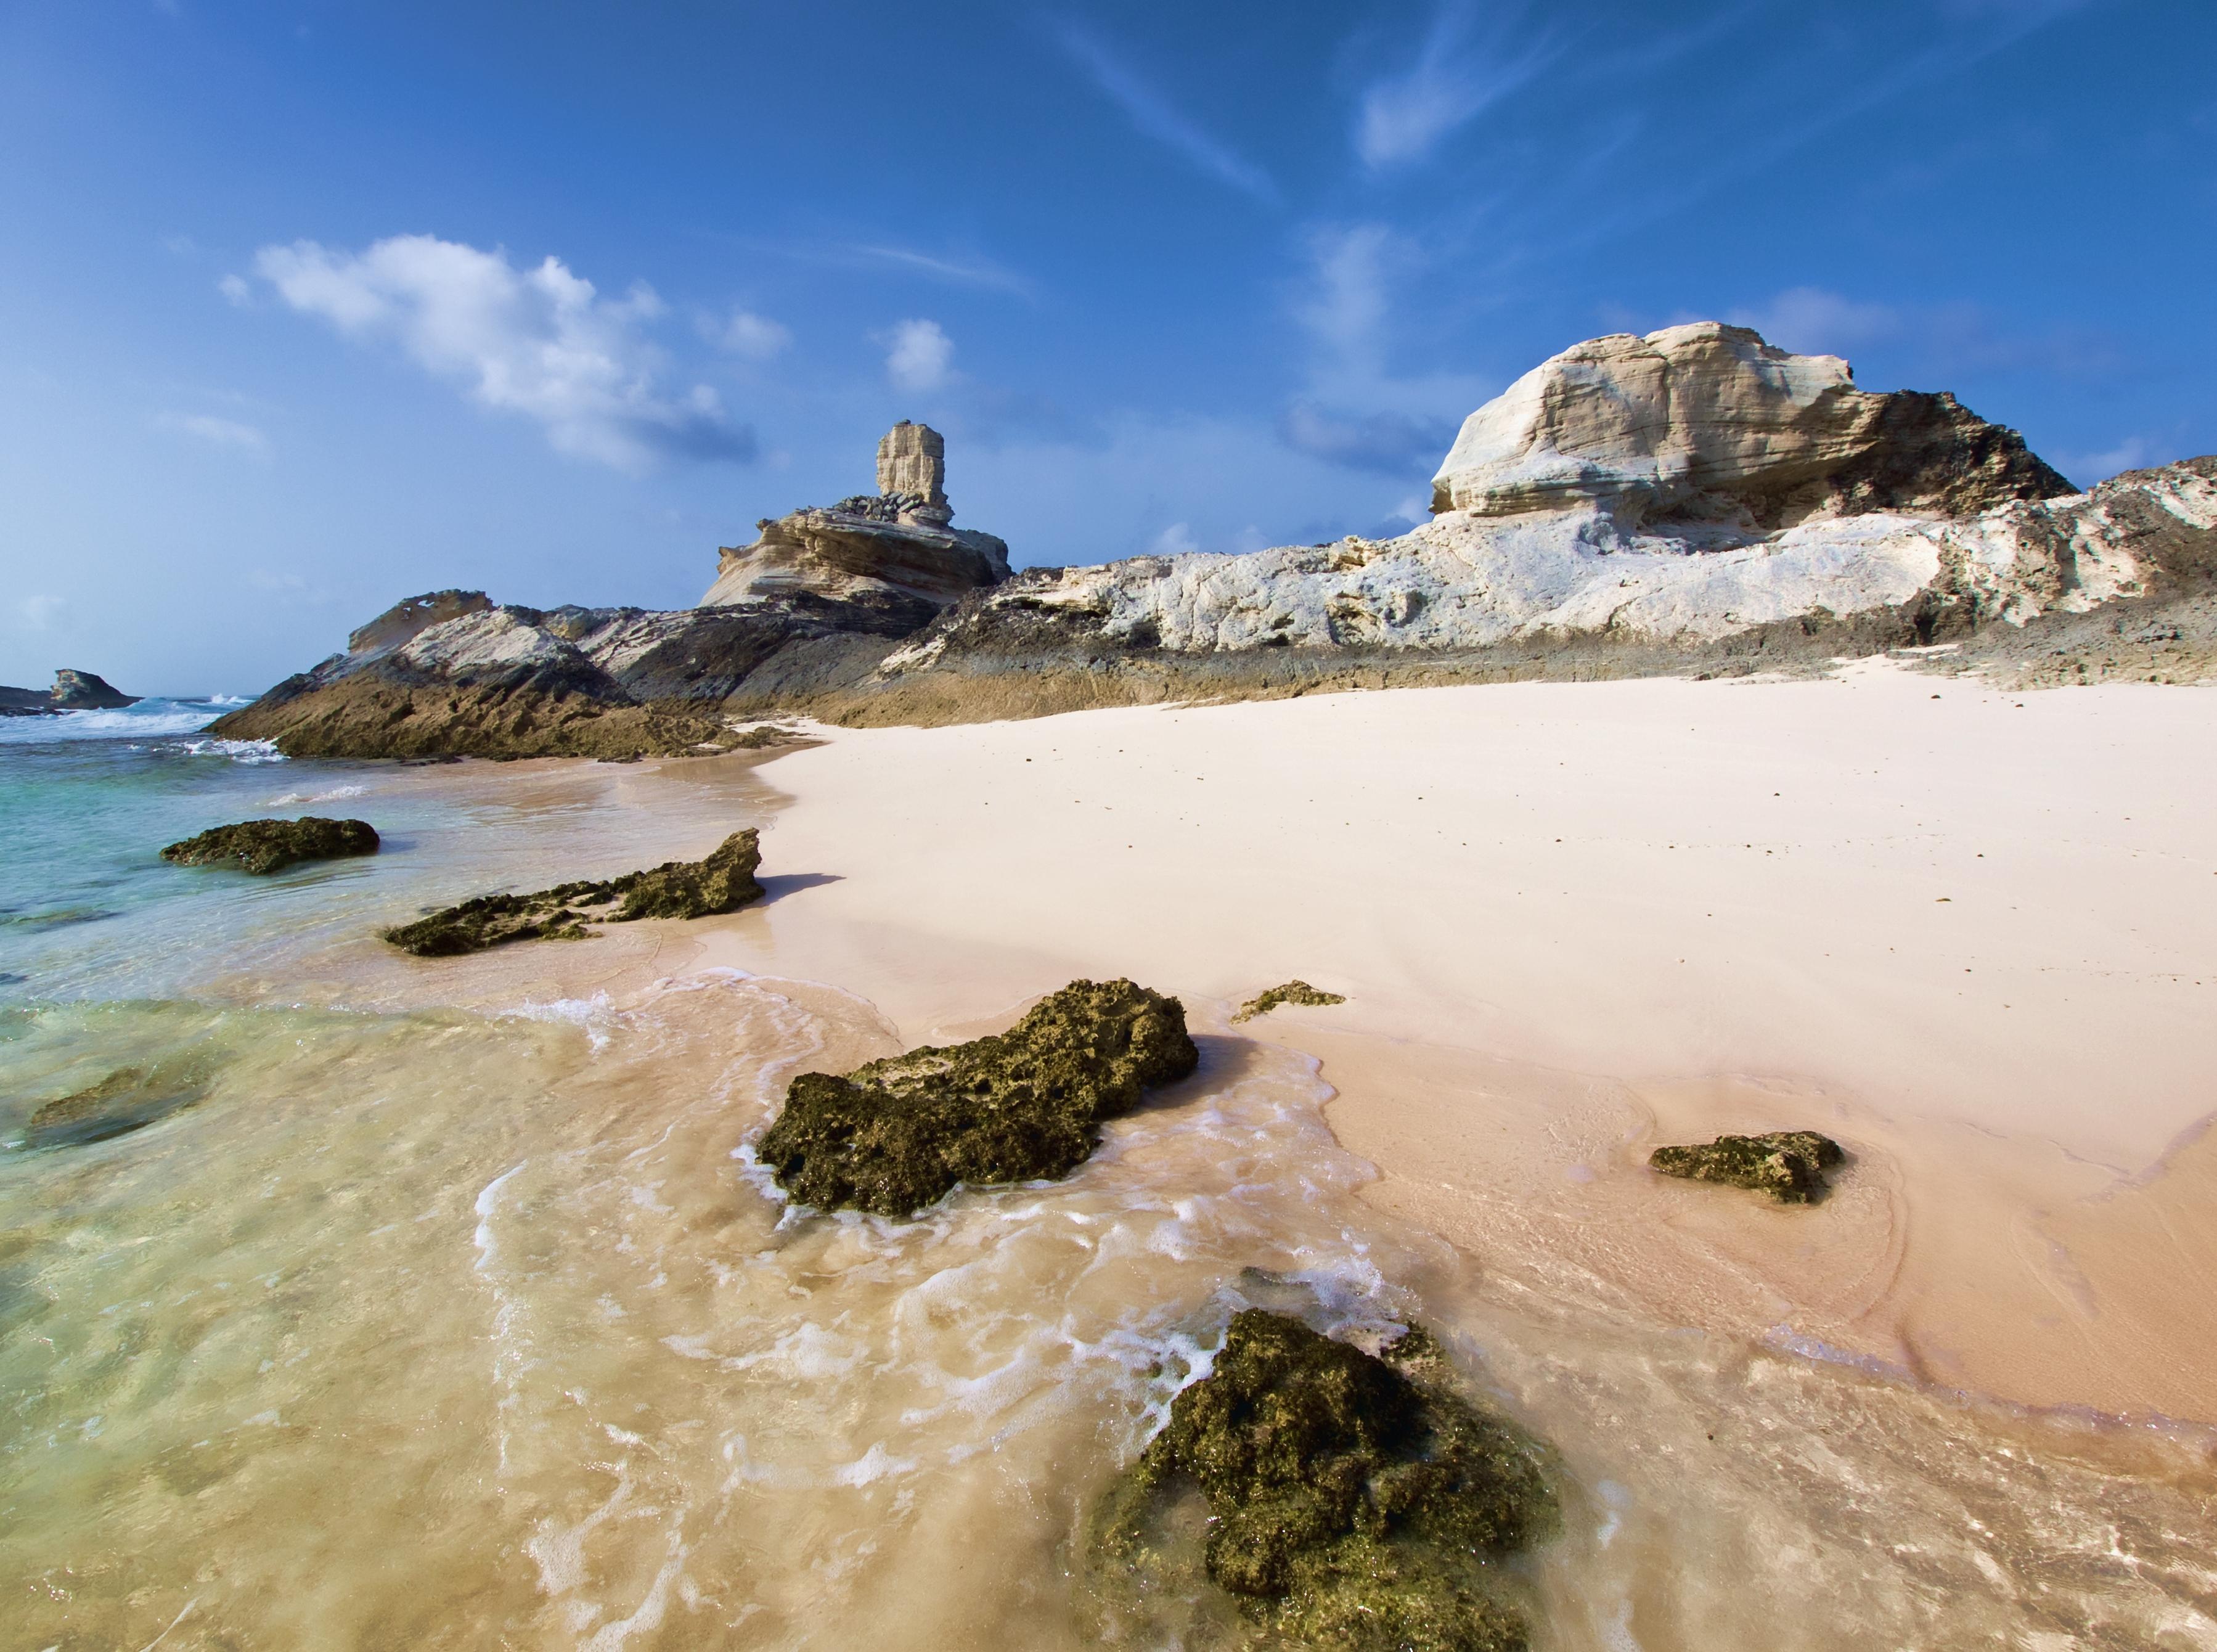 Морское побережье с белым песком фото